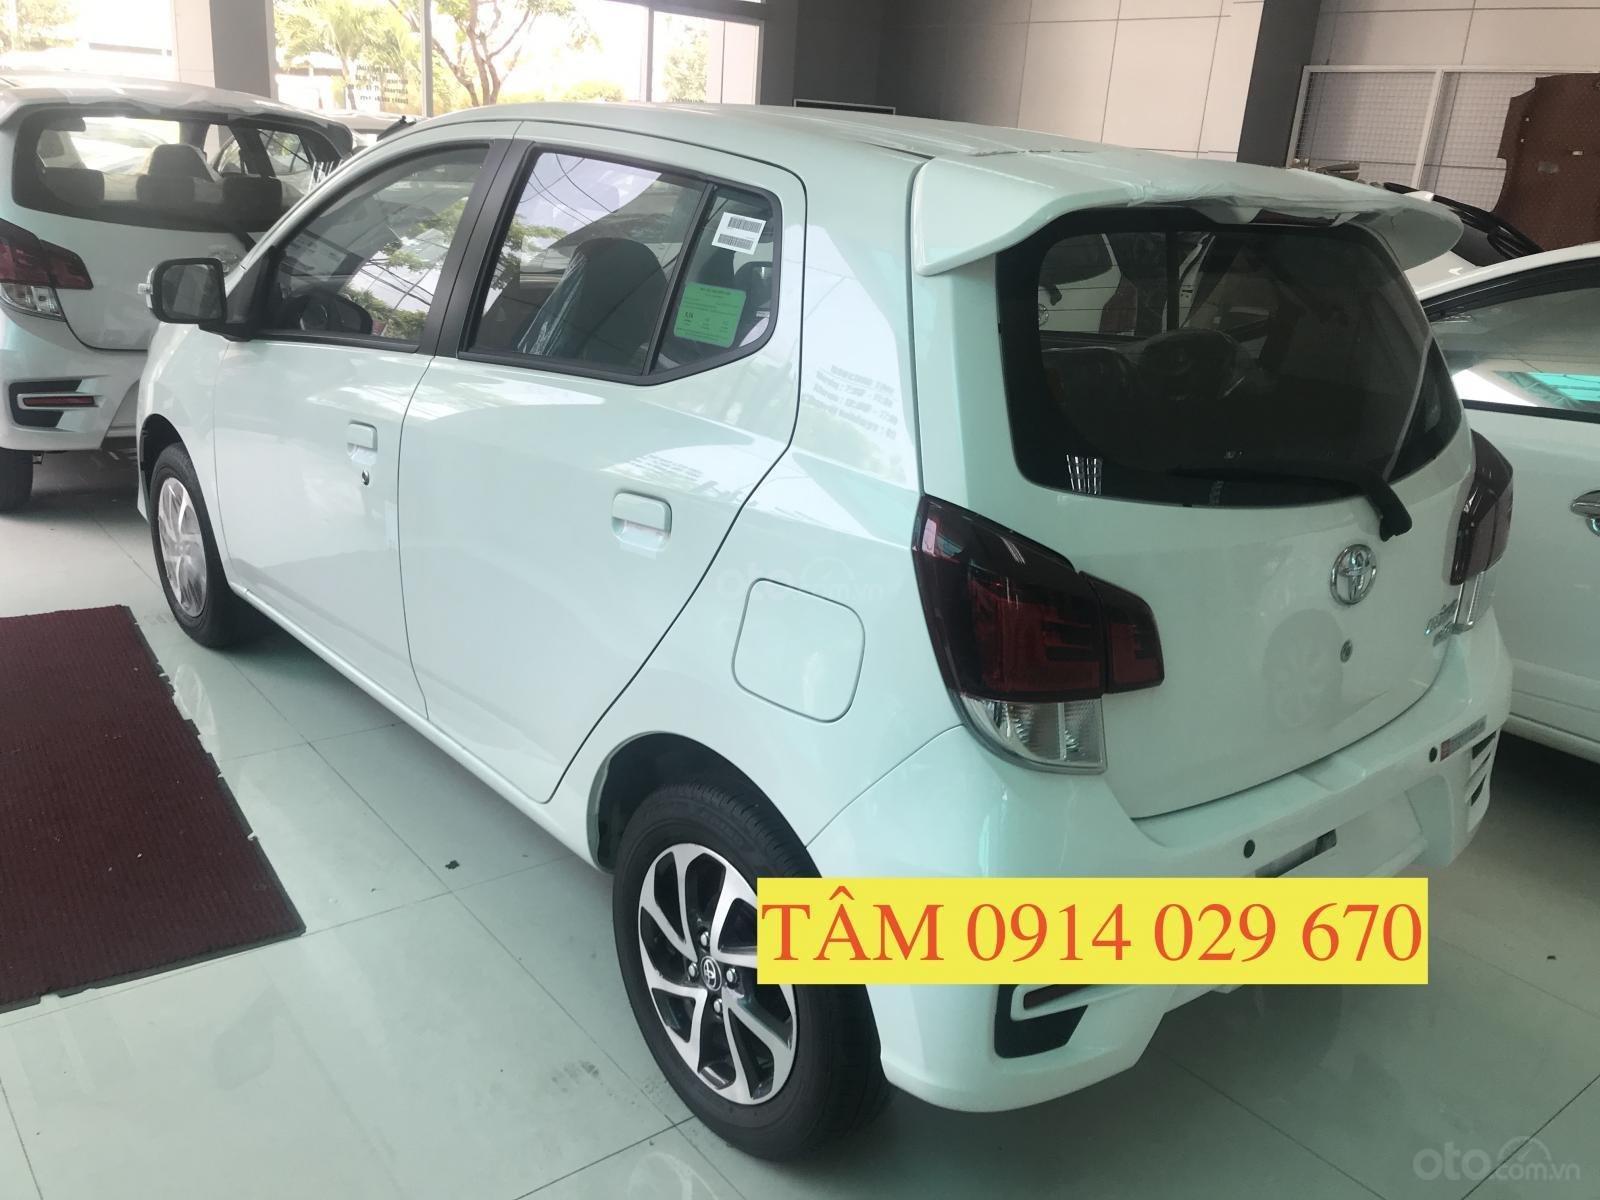 Bán xe Toyota Wigo 2019, hỗ trợ mua xe trả góp, hỗ trợ bán xe lô - LH 0914 029 670-1